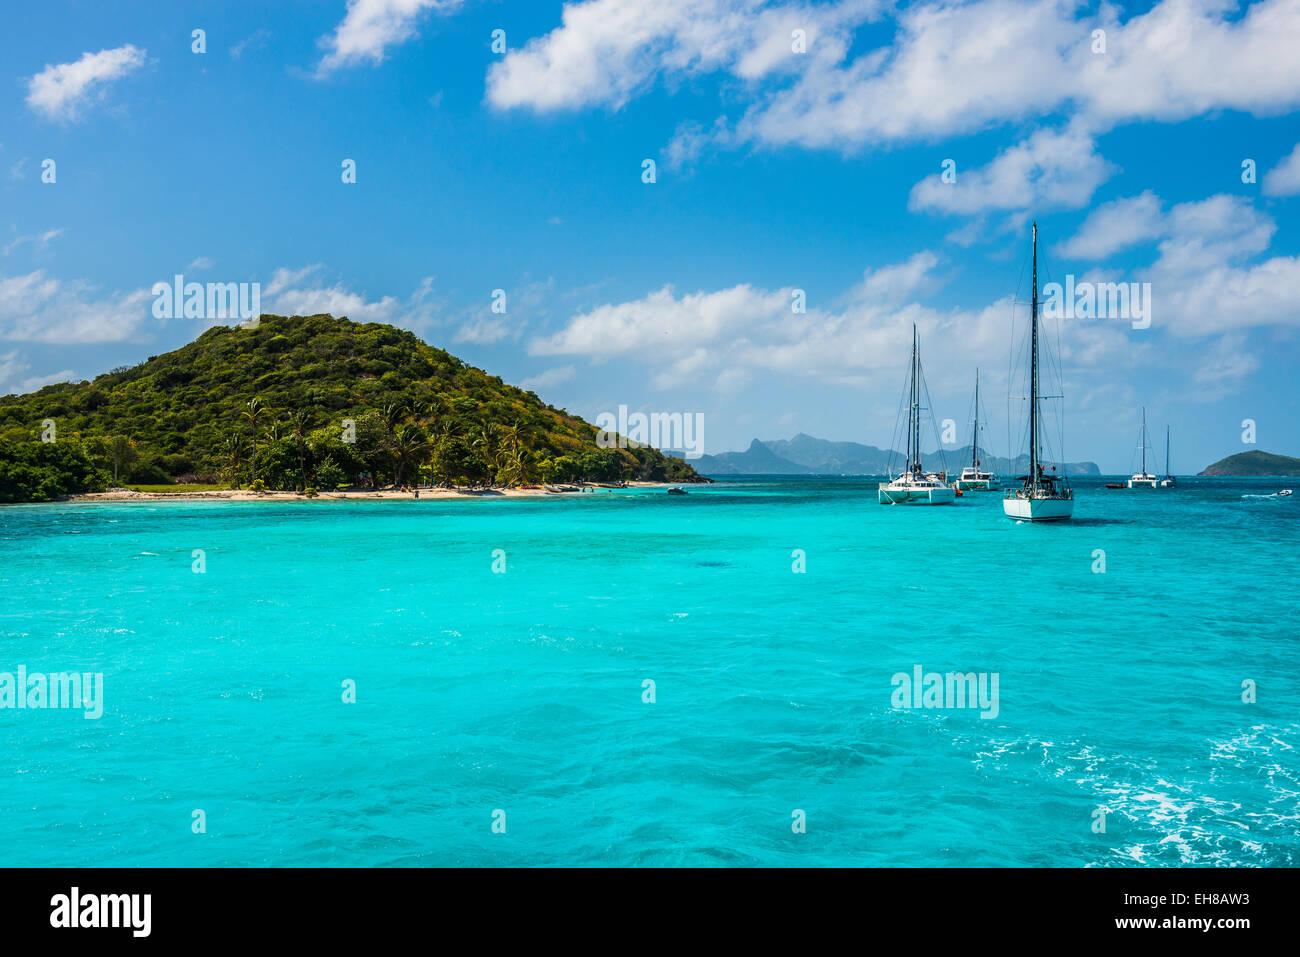 Veleros fondeando en Tobago Cays, Las Granadinas, las Islas de Barlovento, Antillas, Caribe Imagen De Stock